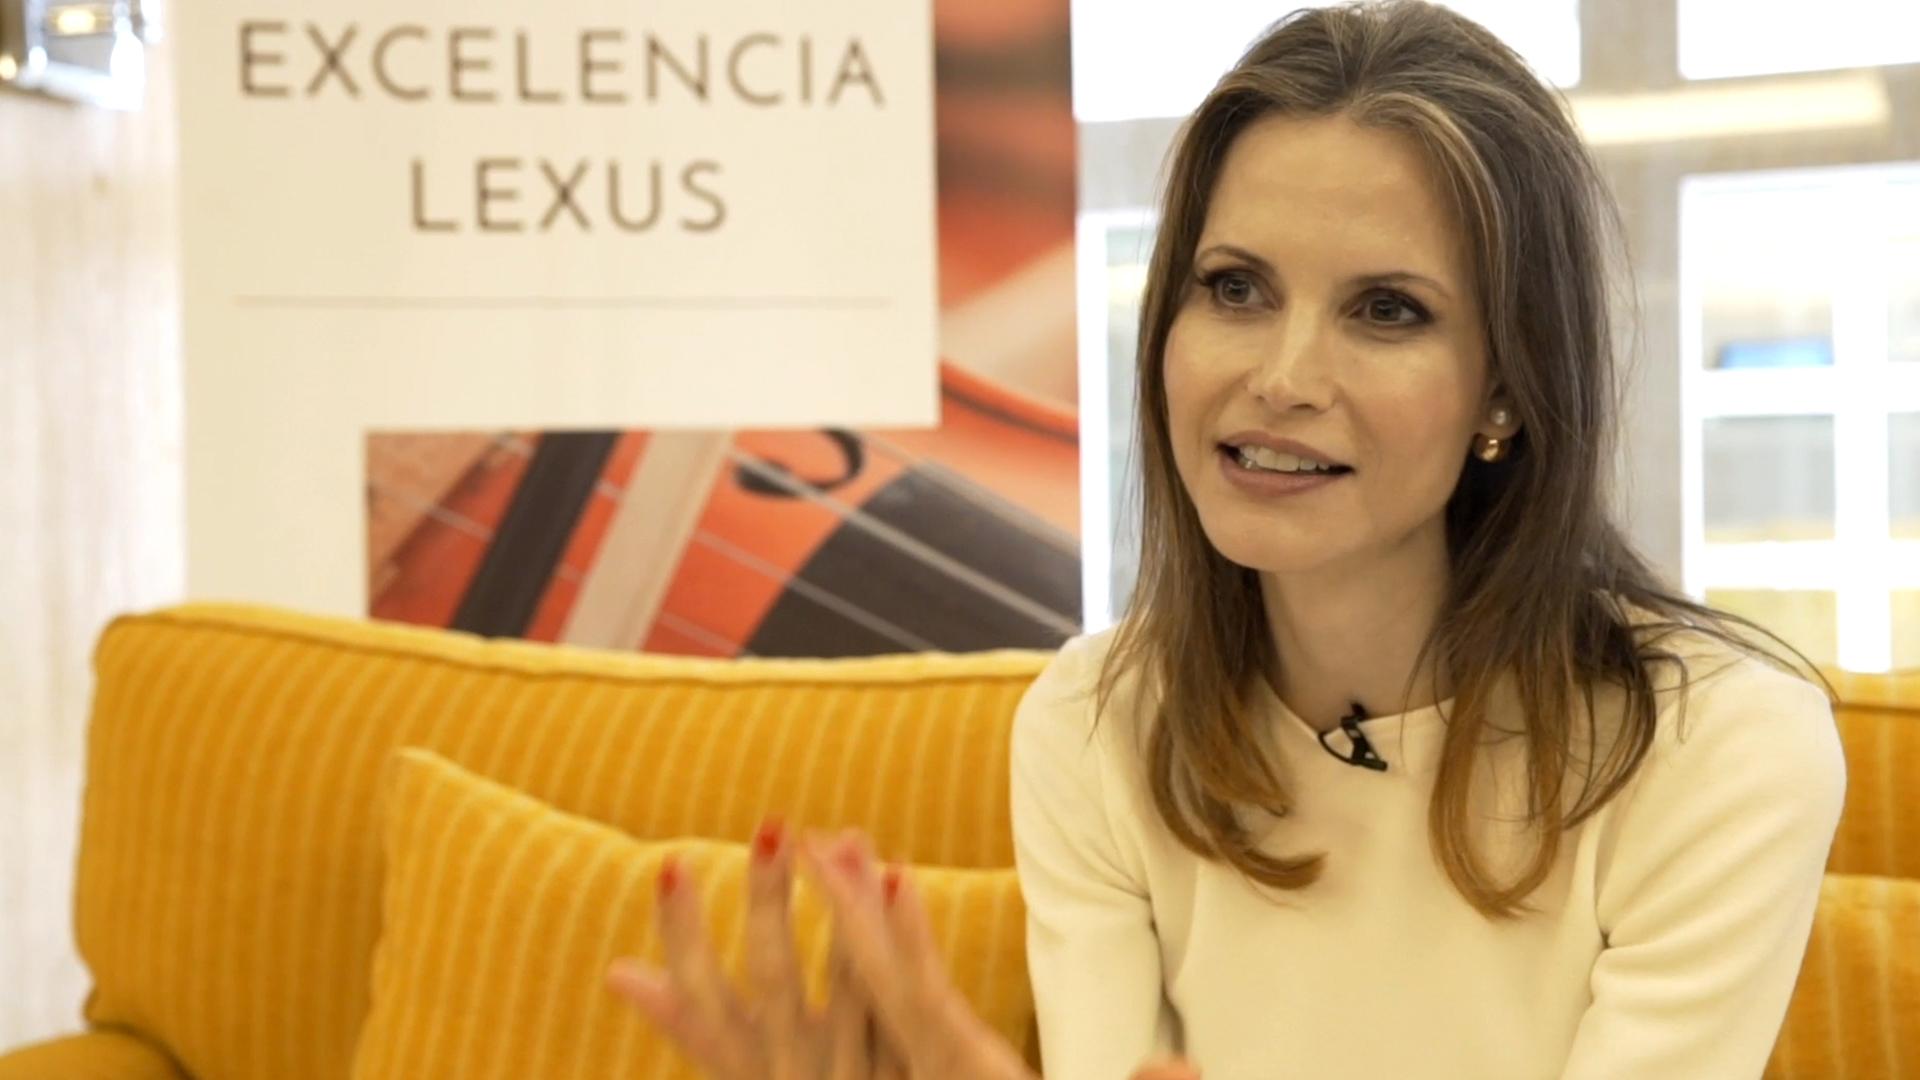 lexus blog hero inma video1